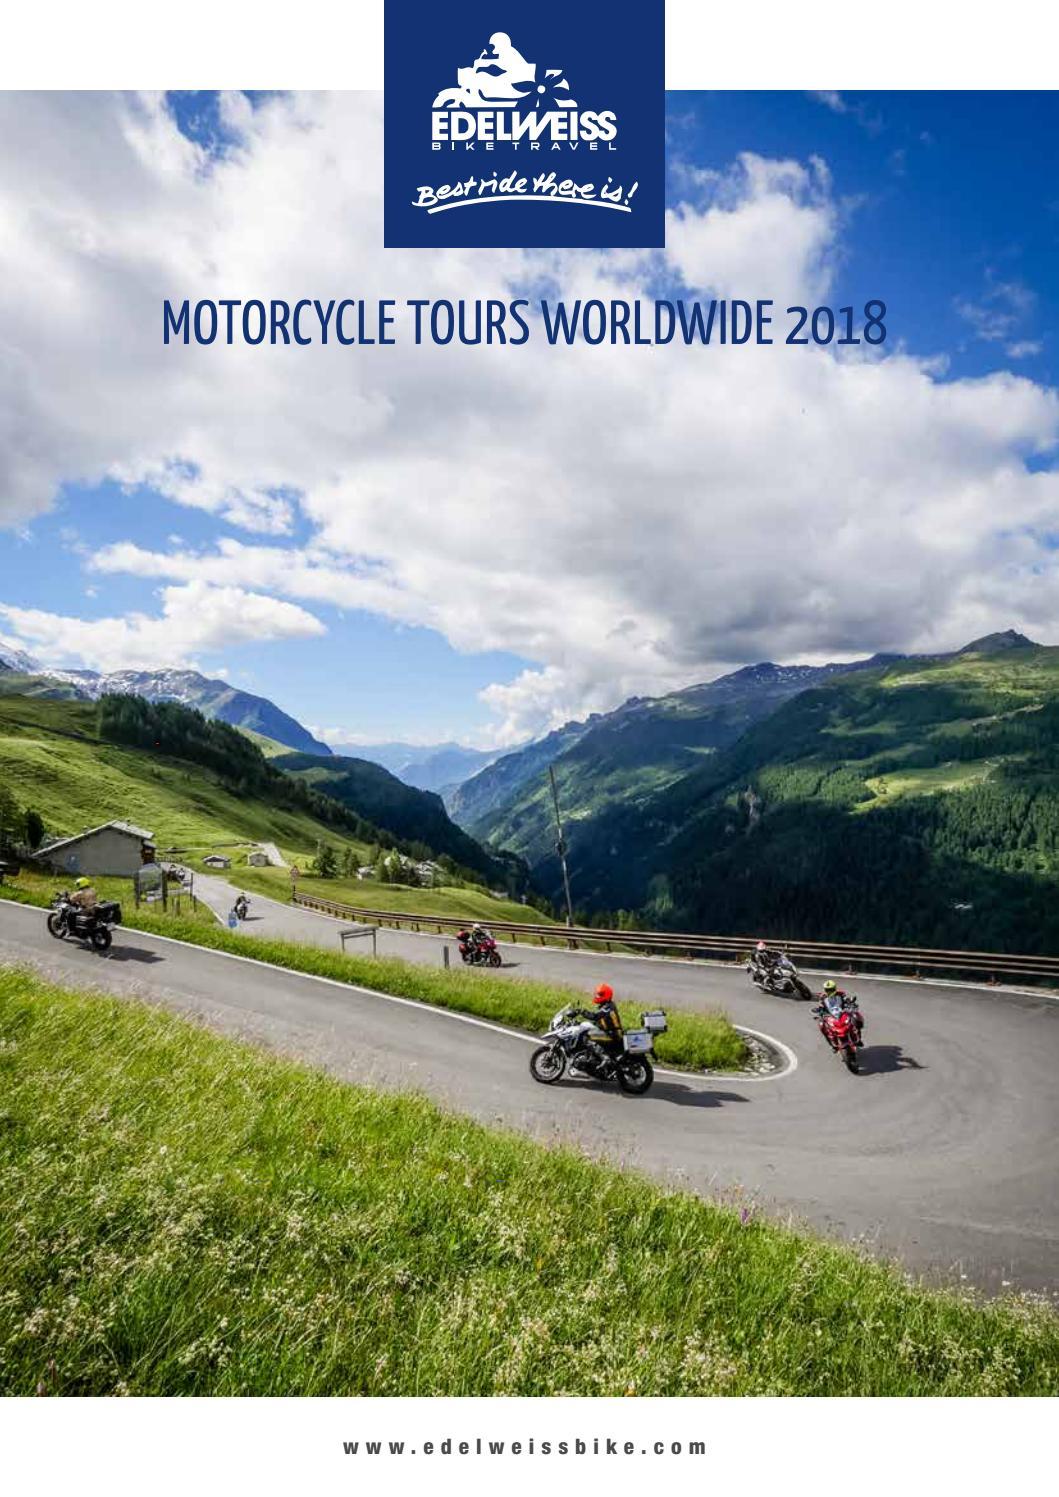 Edelweiss Motorcycle Program 2018 by Stephan Weckschmied - issuu